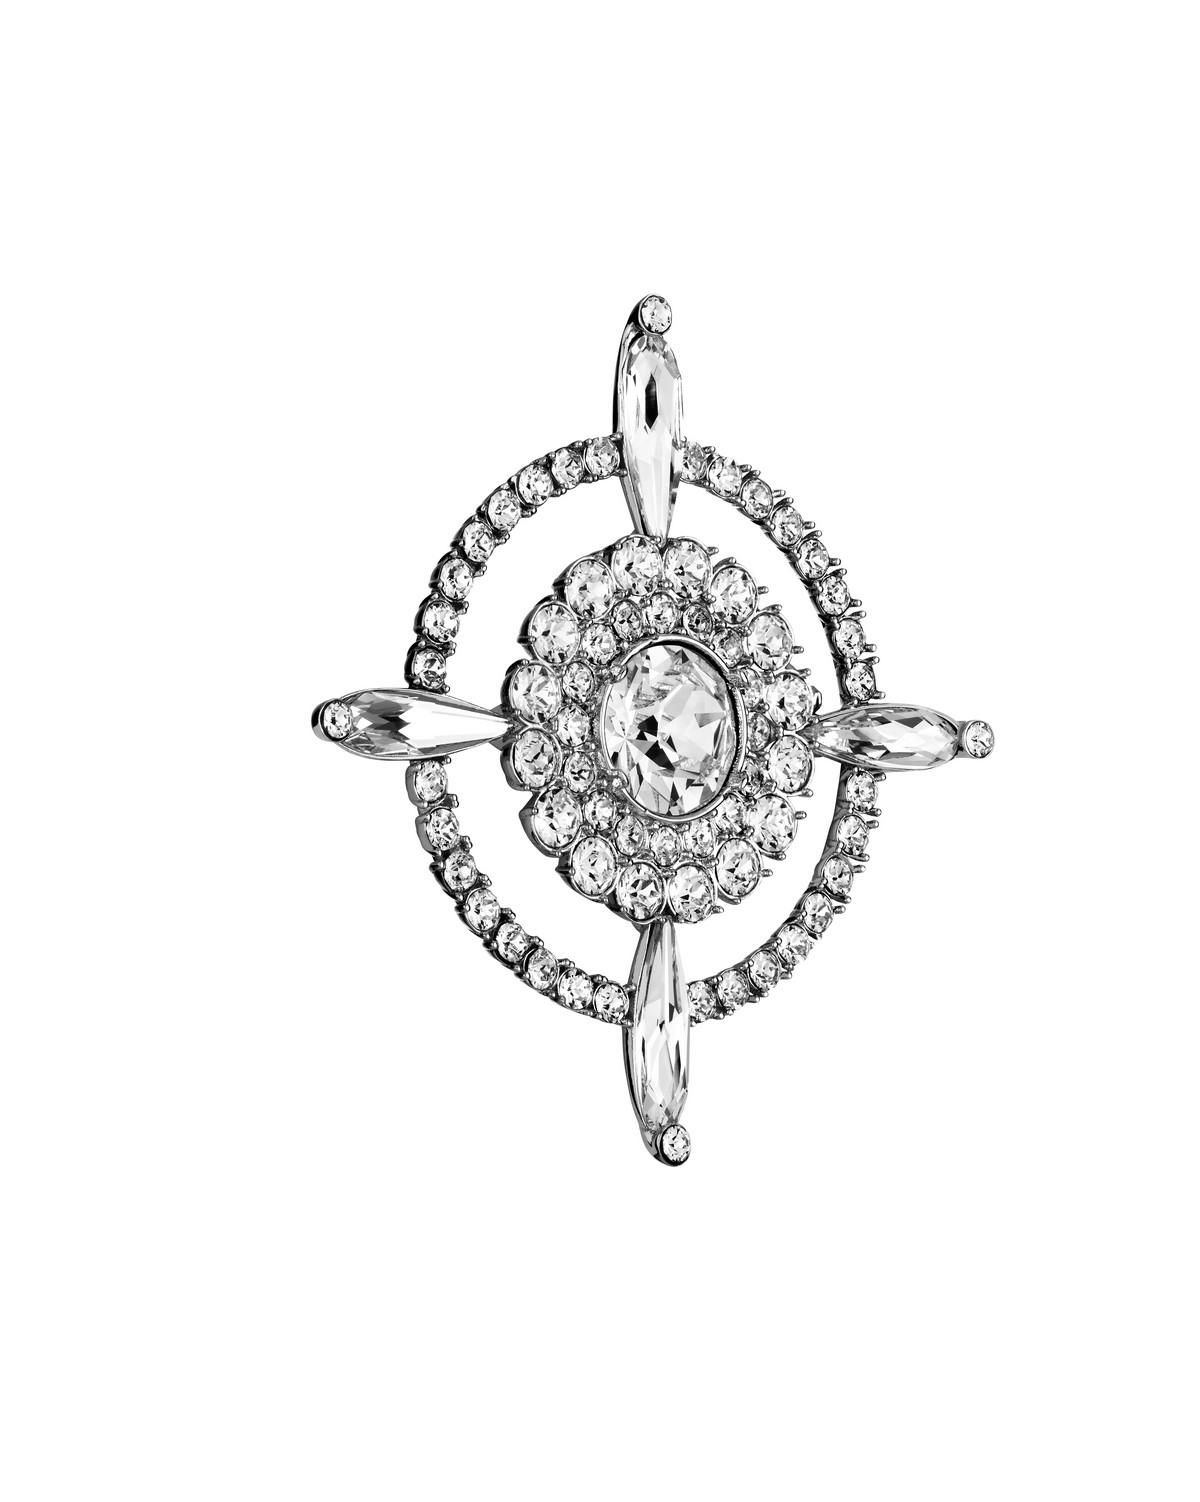 Atelier Swarovski Anna Dello Russo gioielli